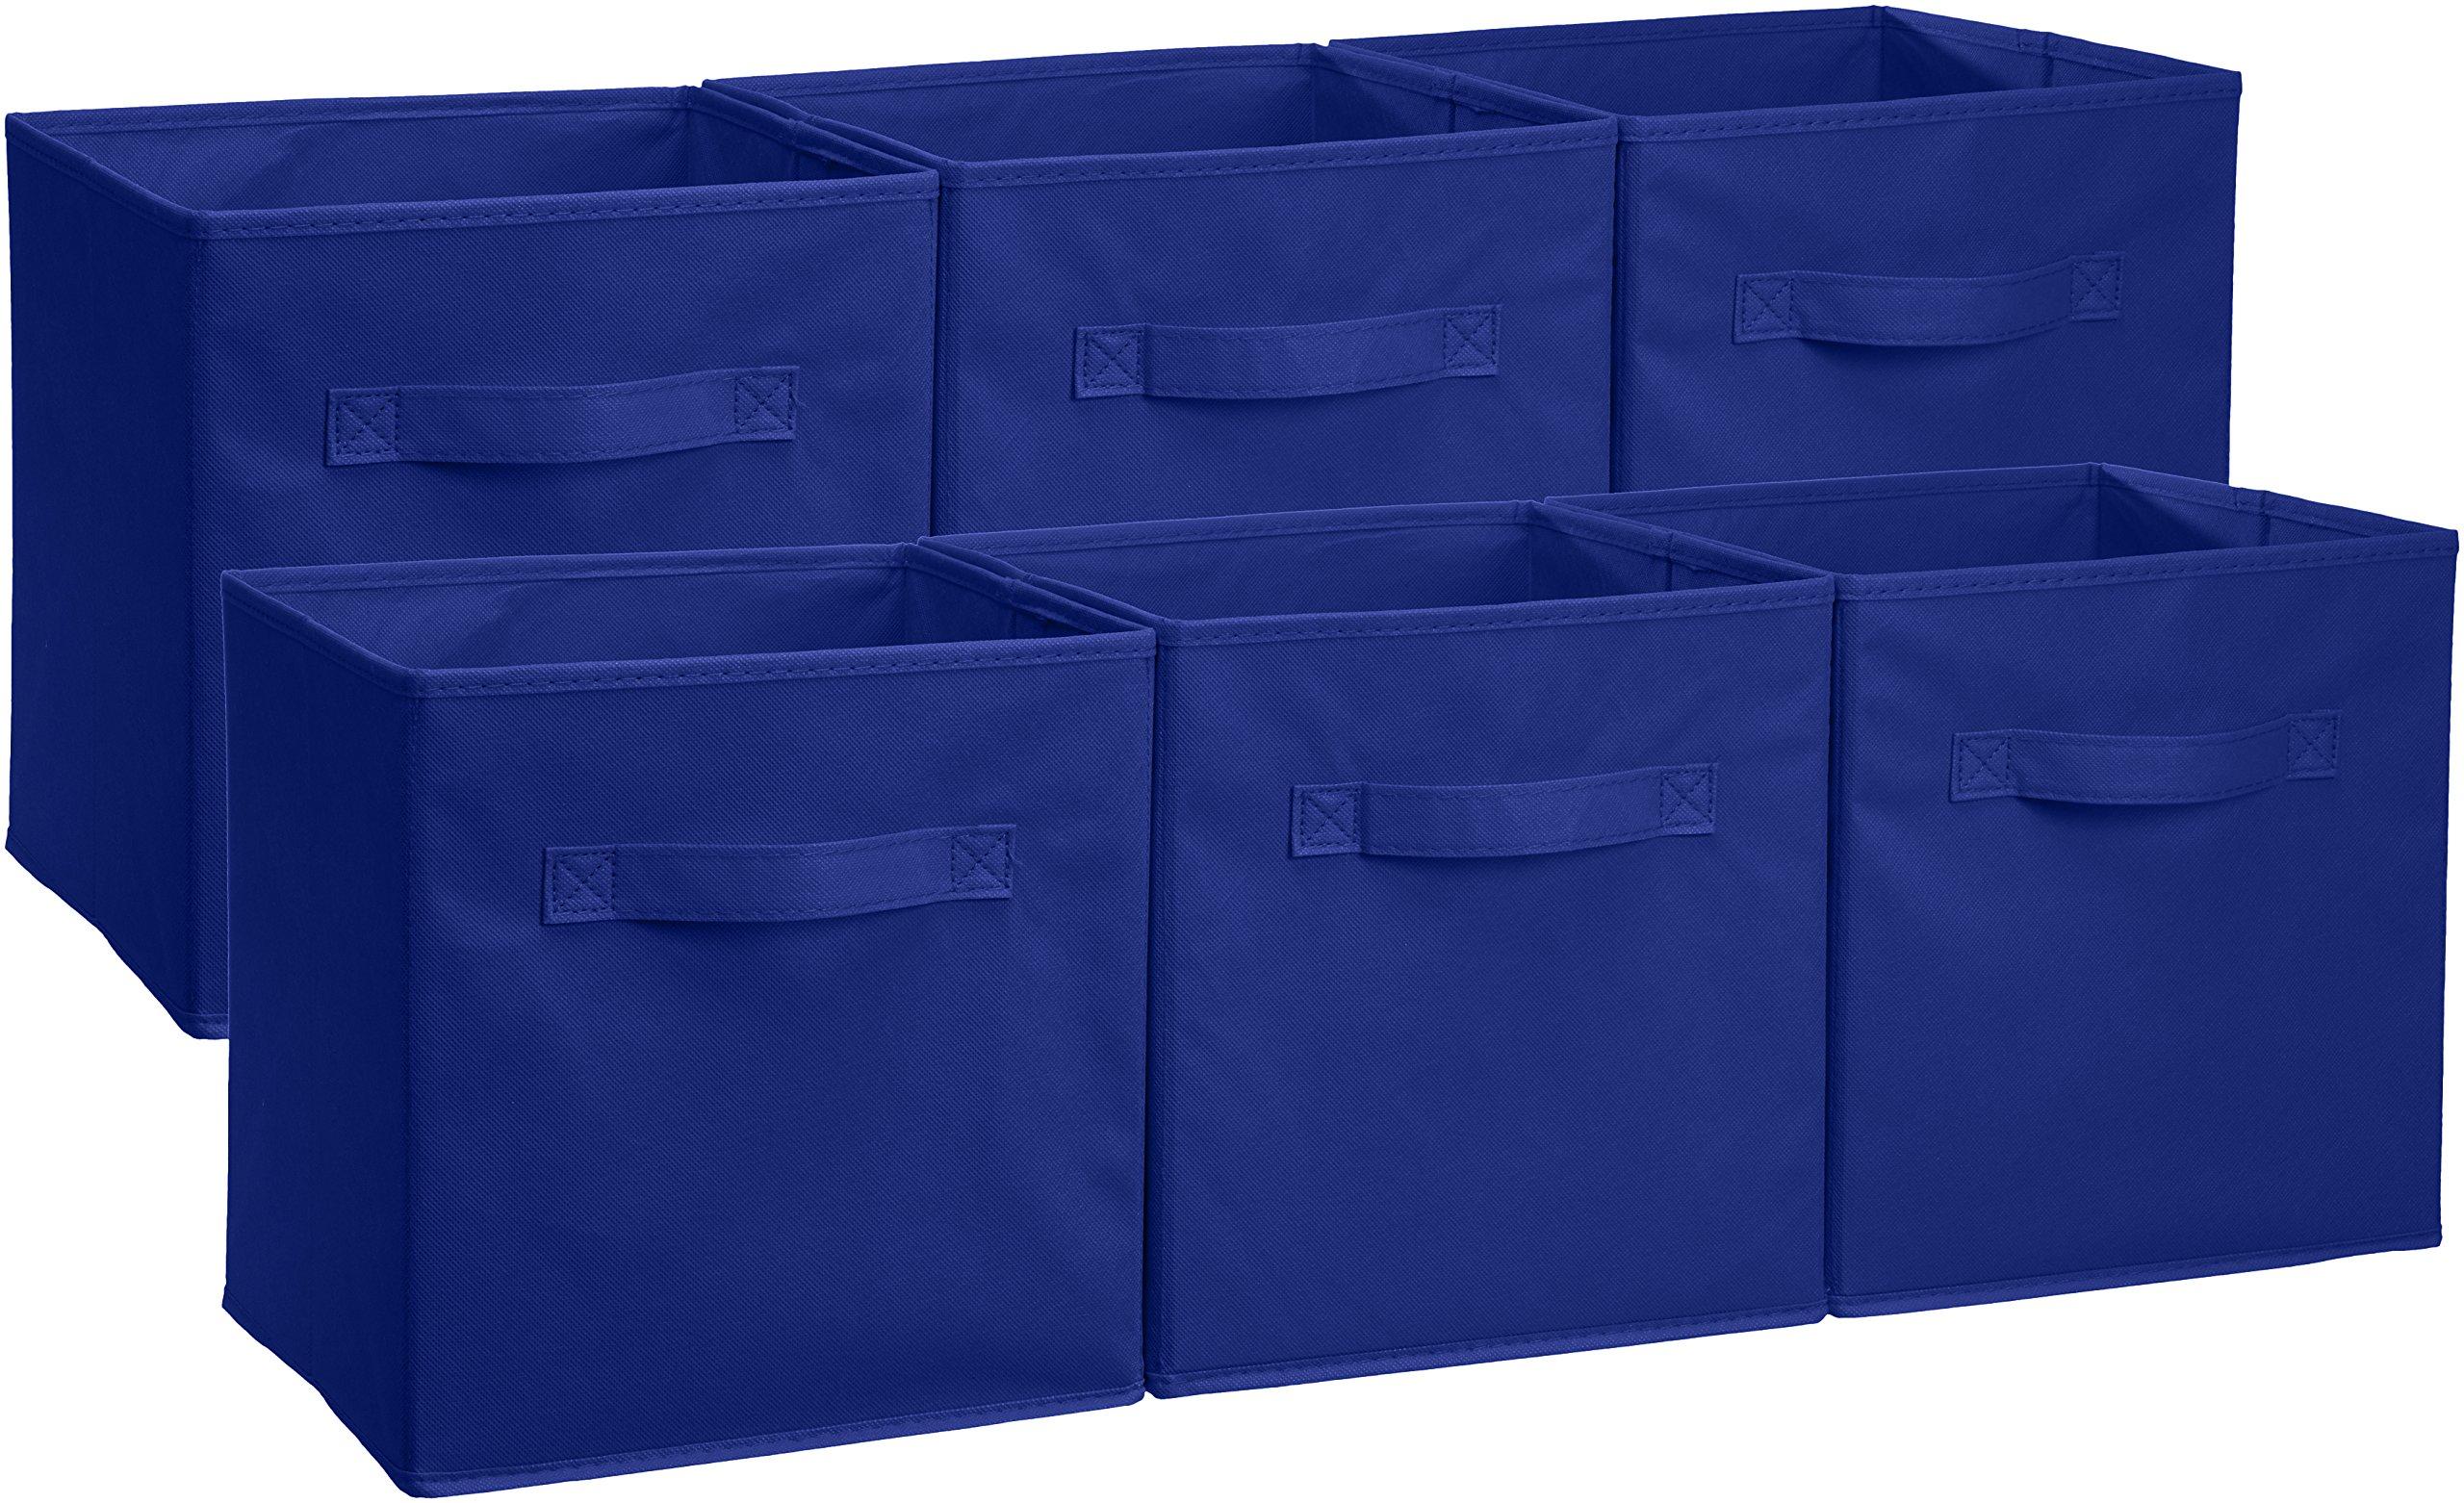 AmazonBasics Foldable Storage Cubes - 6-Pack, Navy by AmazonBasics